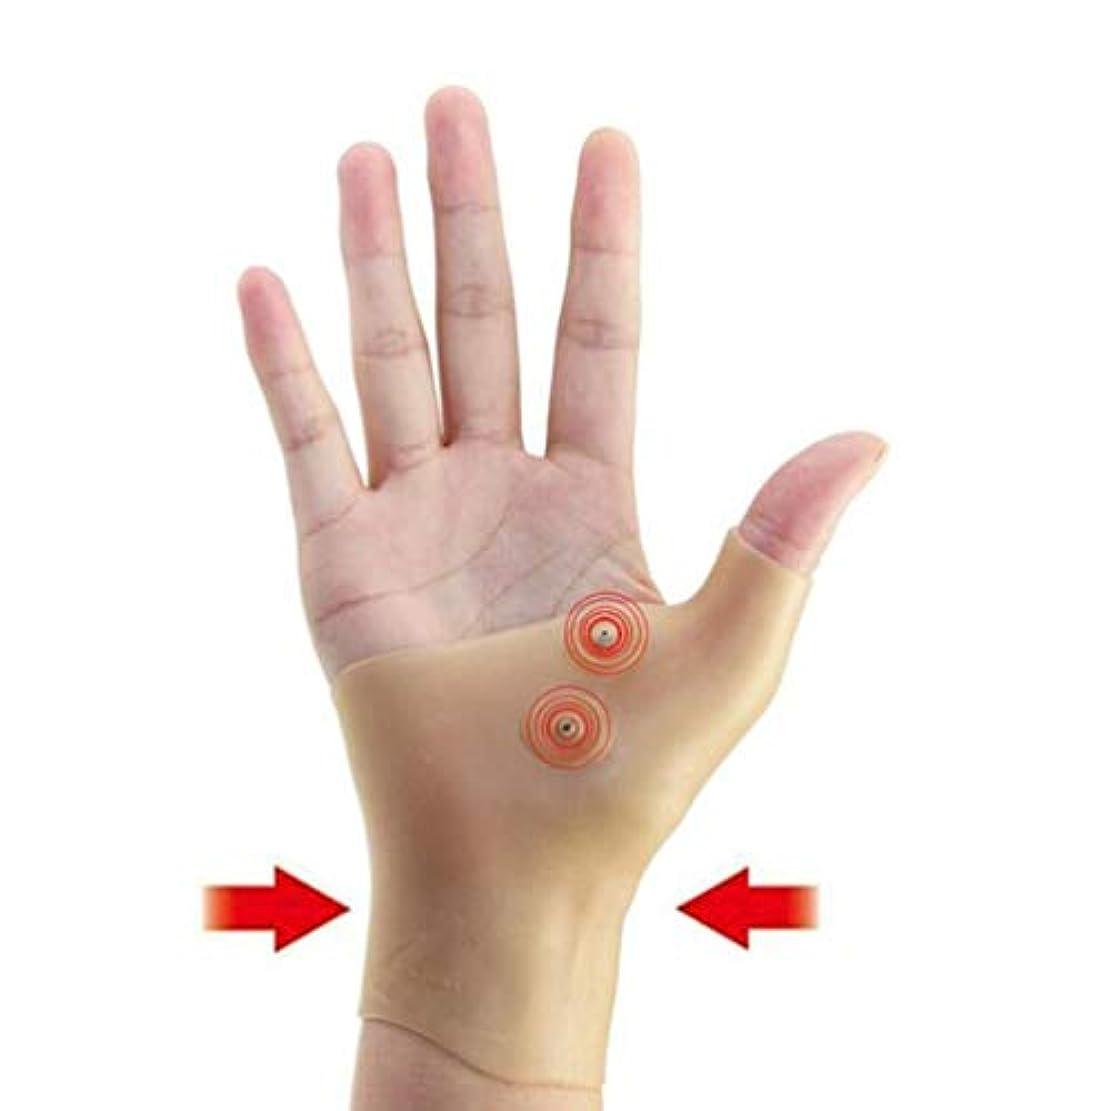 意識的ページパッケージ磁気療法手首手親指サポート手袋シリコーンゲル関節炎圧力矯正器マッサージ痛み緩和手袋 - 肌の色